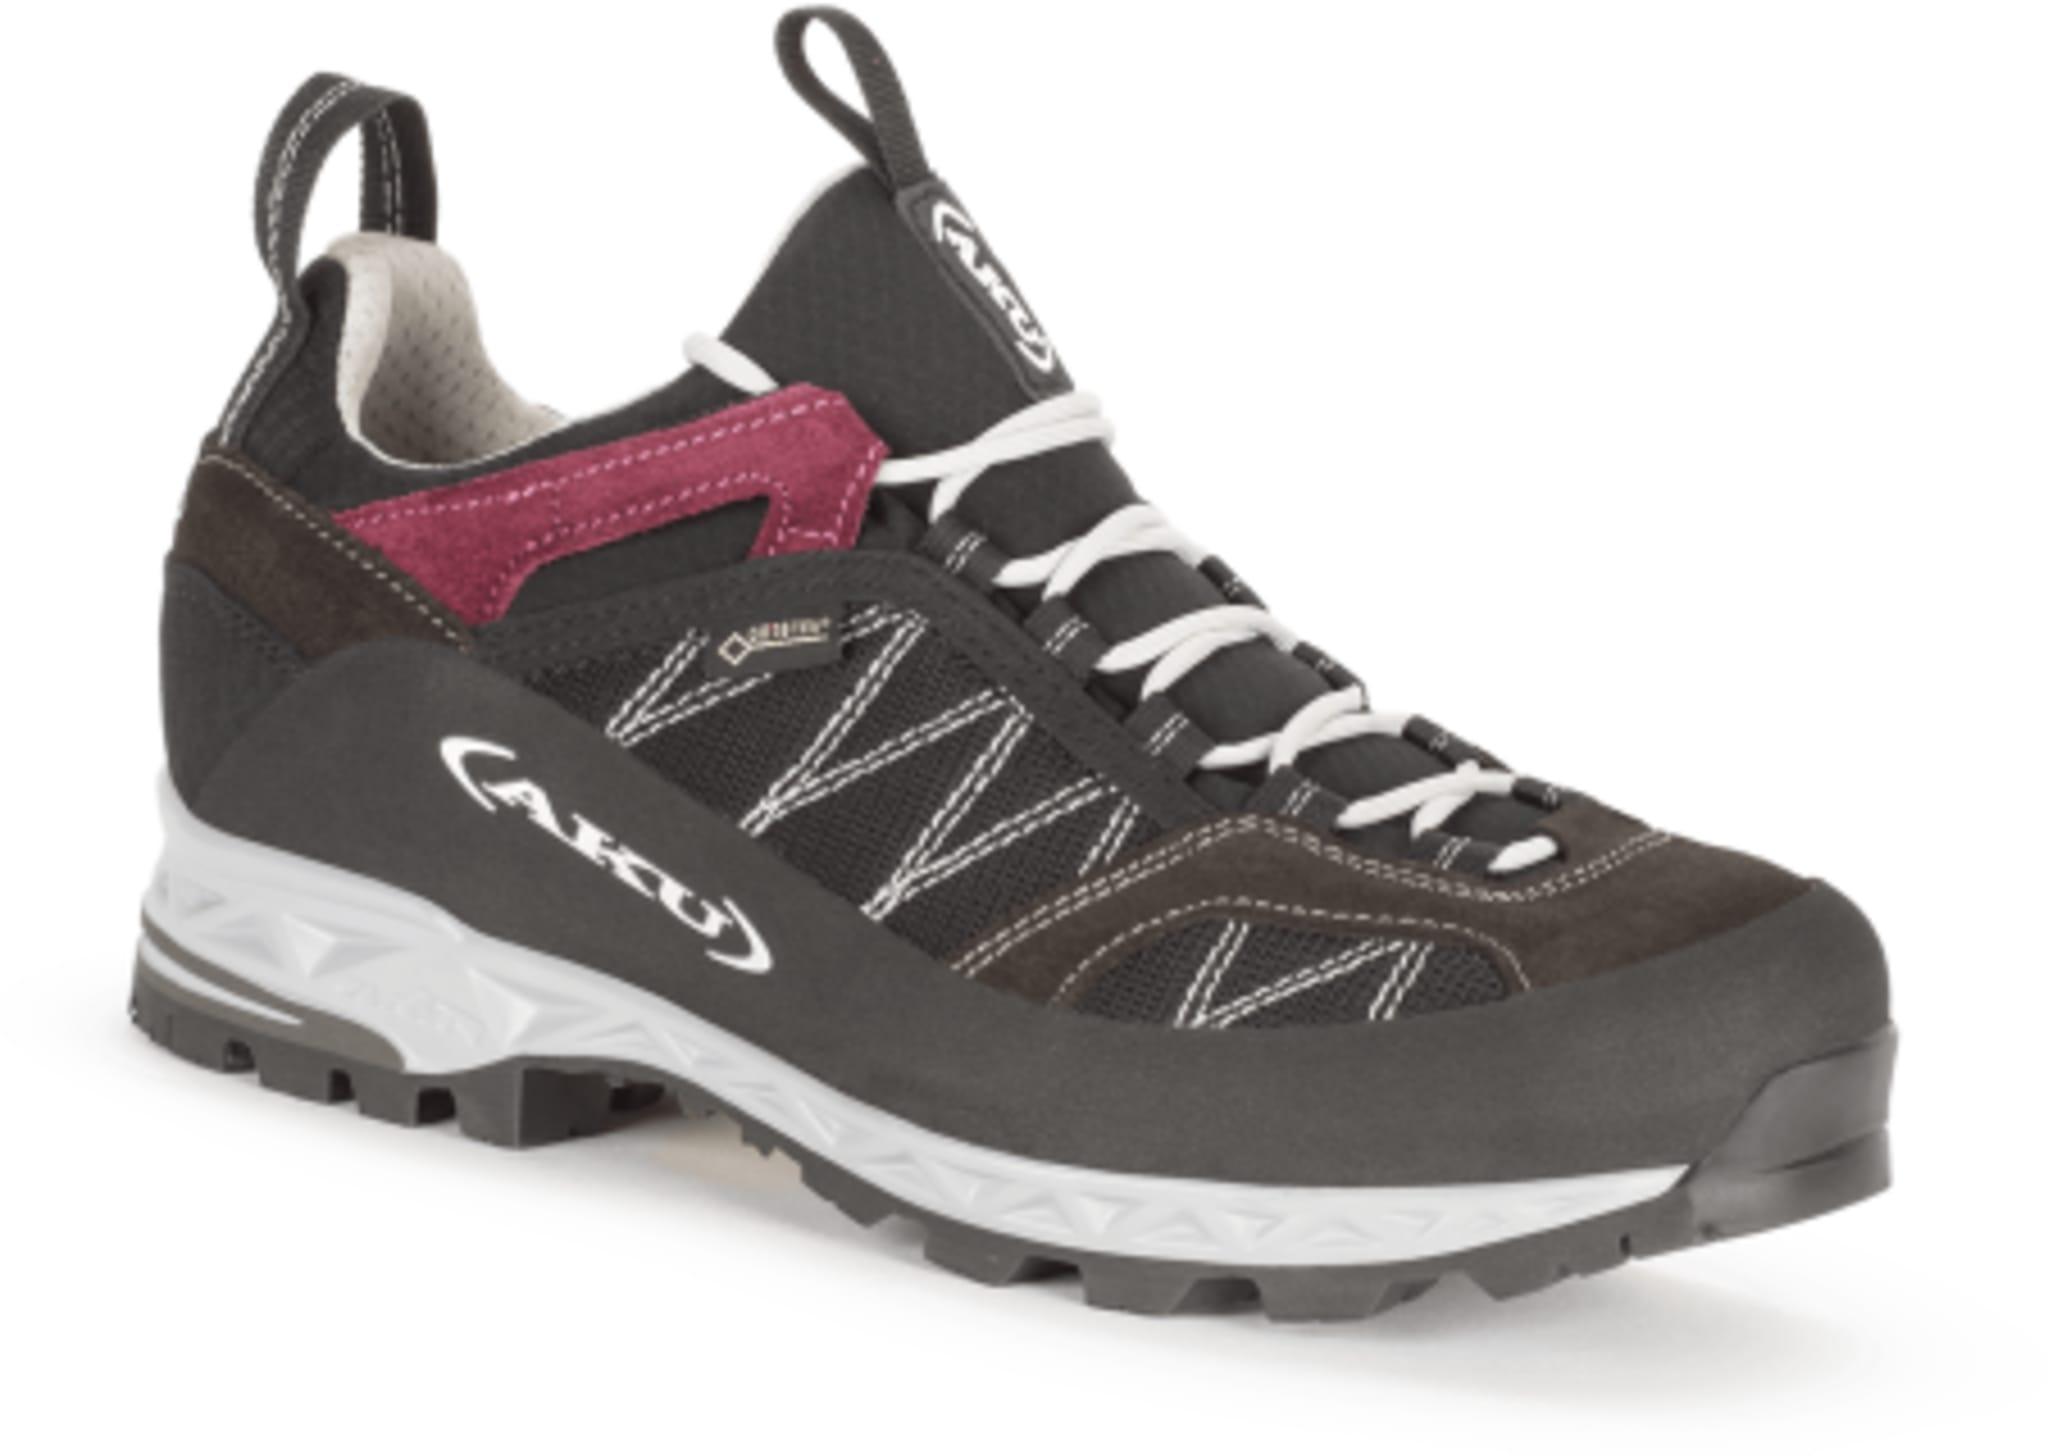 Vanntett og komfortabel sko til lette turer